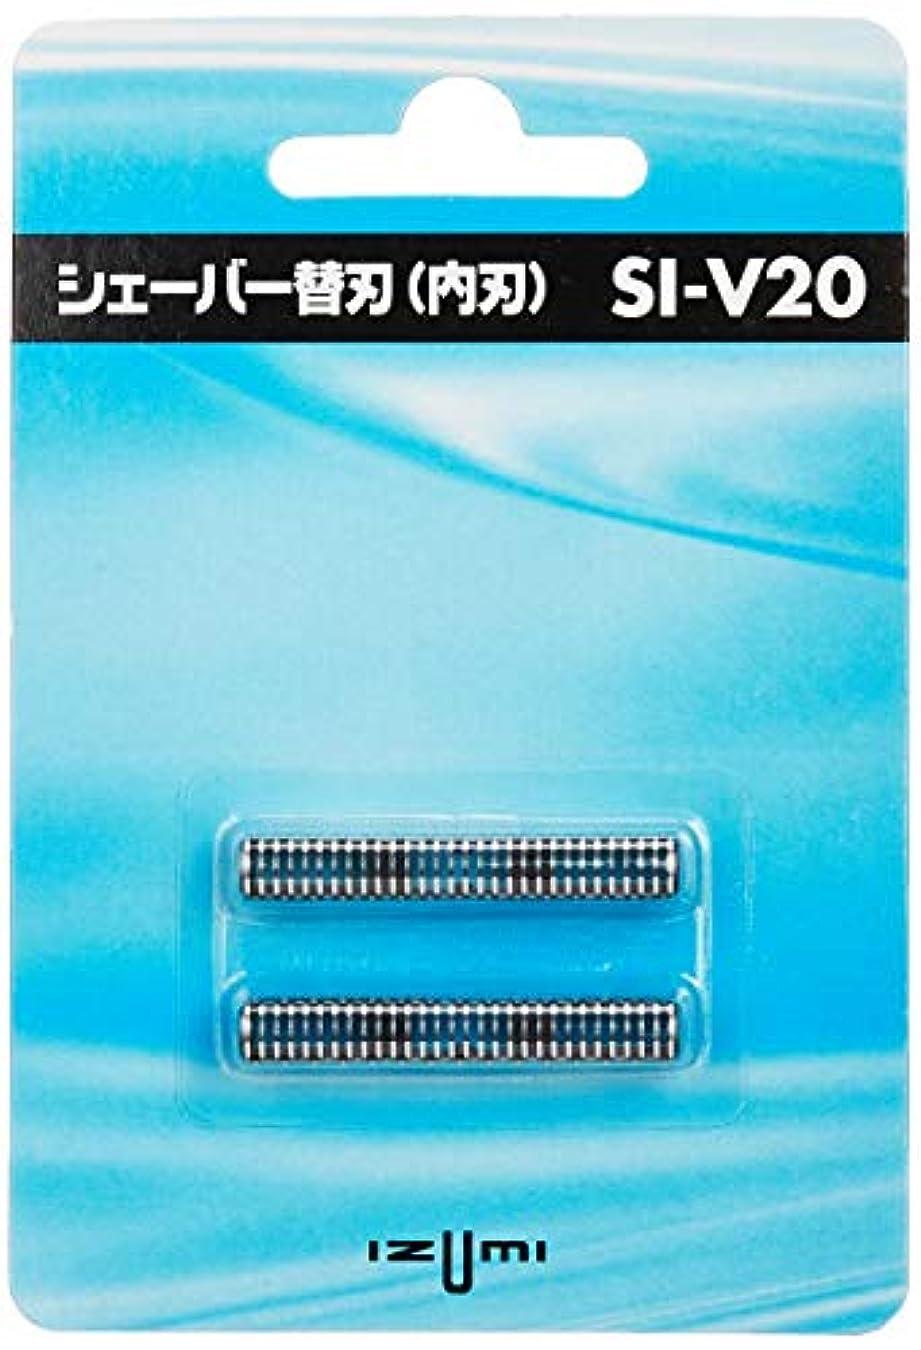 IZUMI シェーバー用替刃(内刃) SI-V20